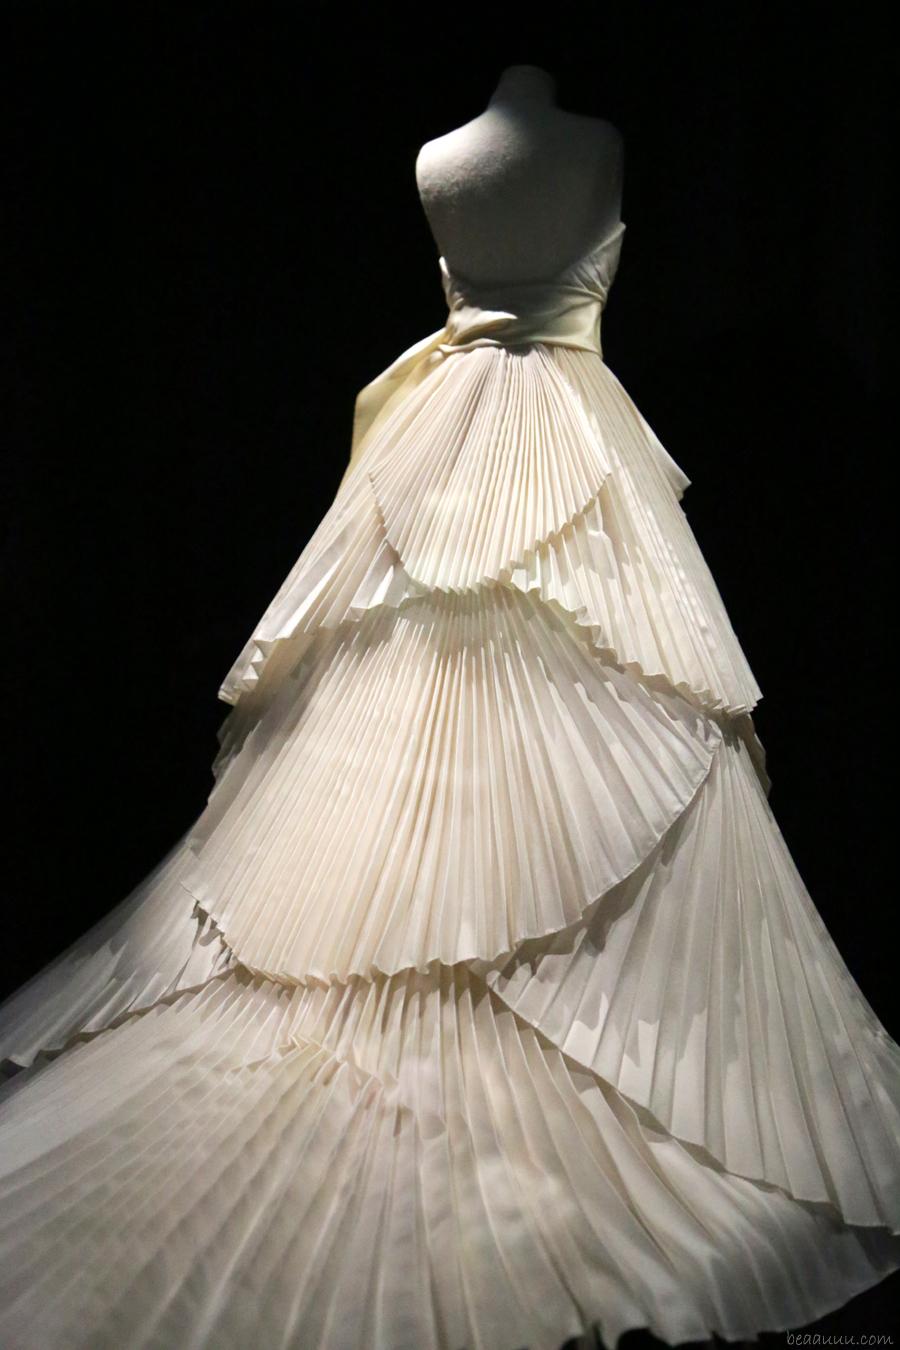 biennale-des-antiquaires-2014-dior-haute-couture-900px